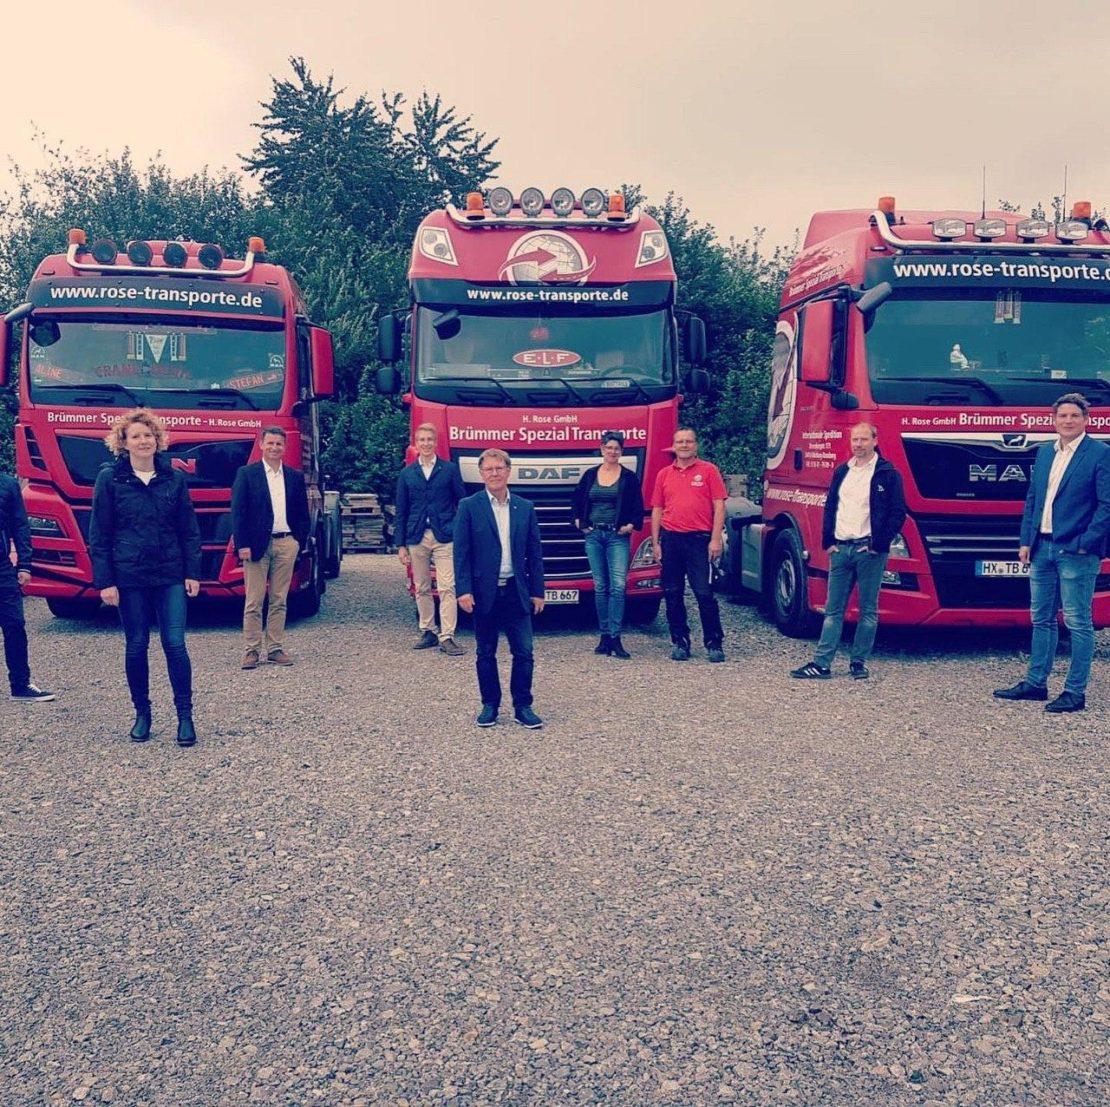 Teilnehmer des Dorfrundgangs vor Speditions-LKWs